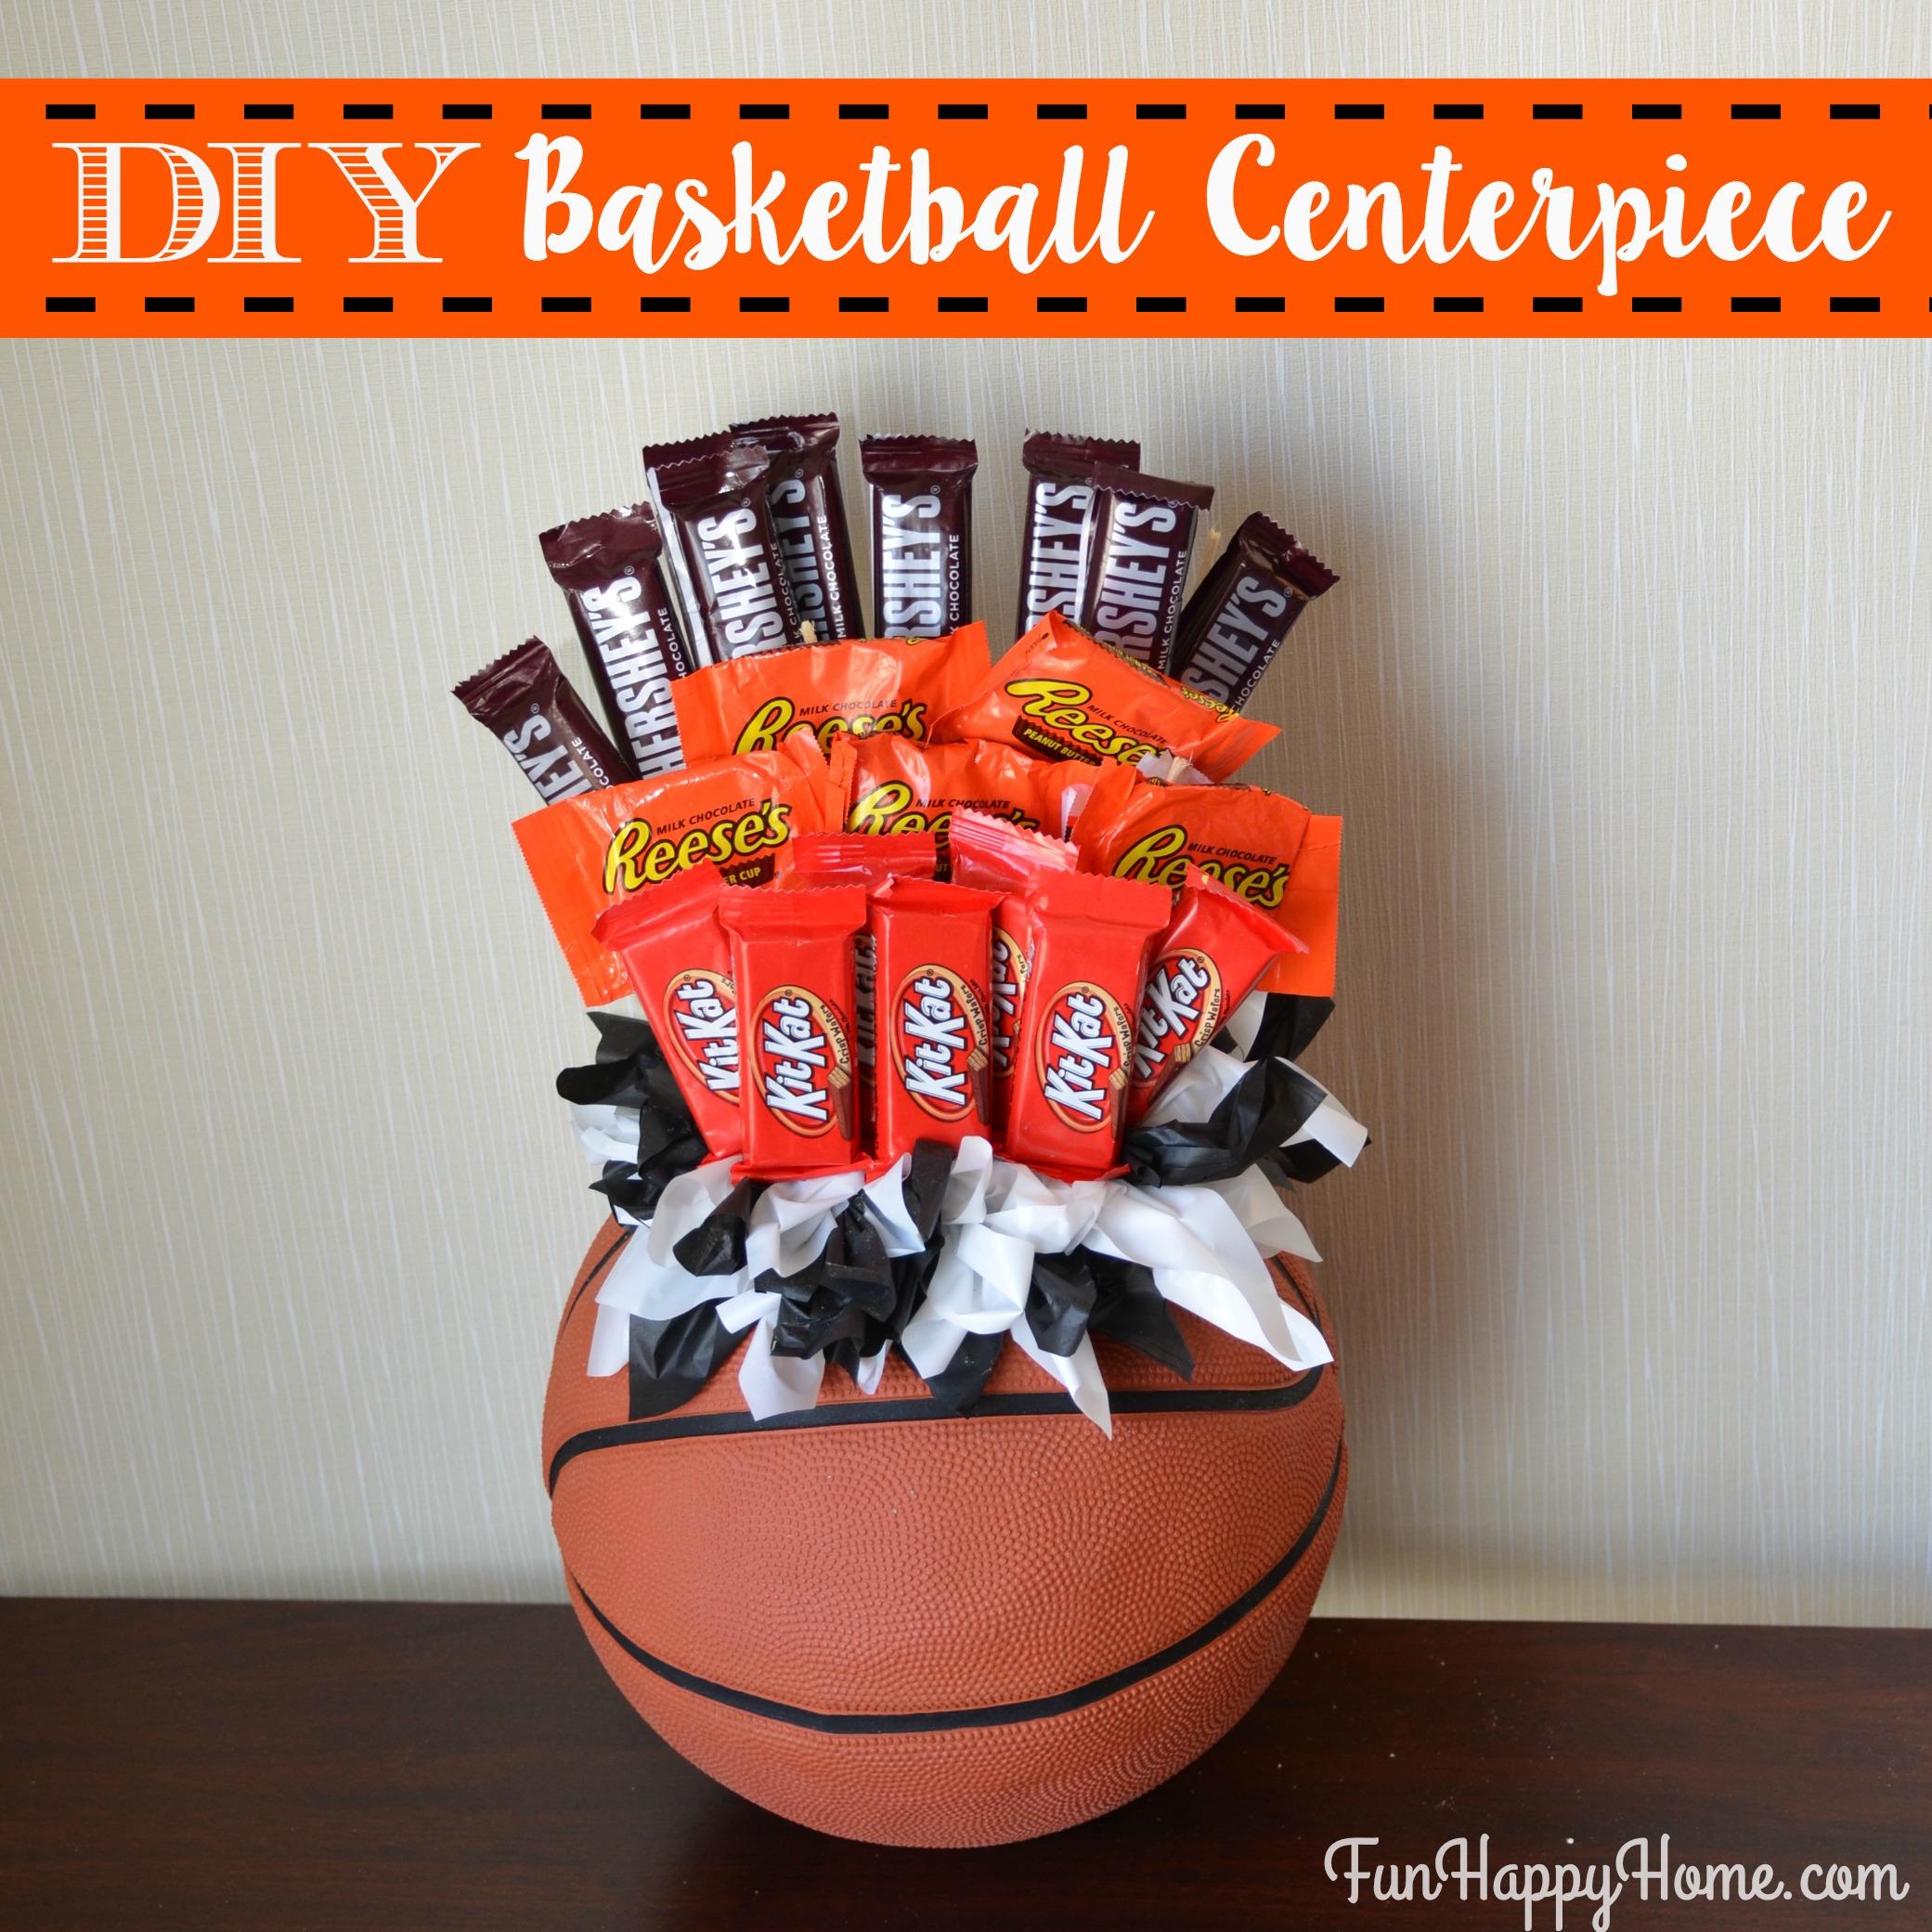 Diy basketball centerpiece a fun candy bouquet diy basketball centerpiece with candy from funhappyhome izmirmasajfo Choice Image